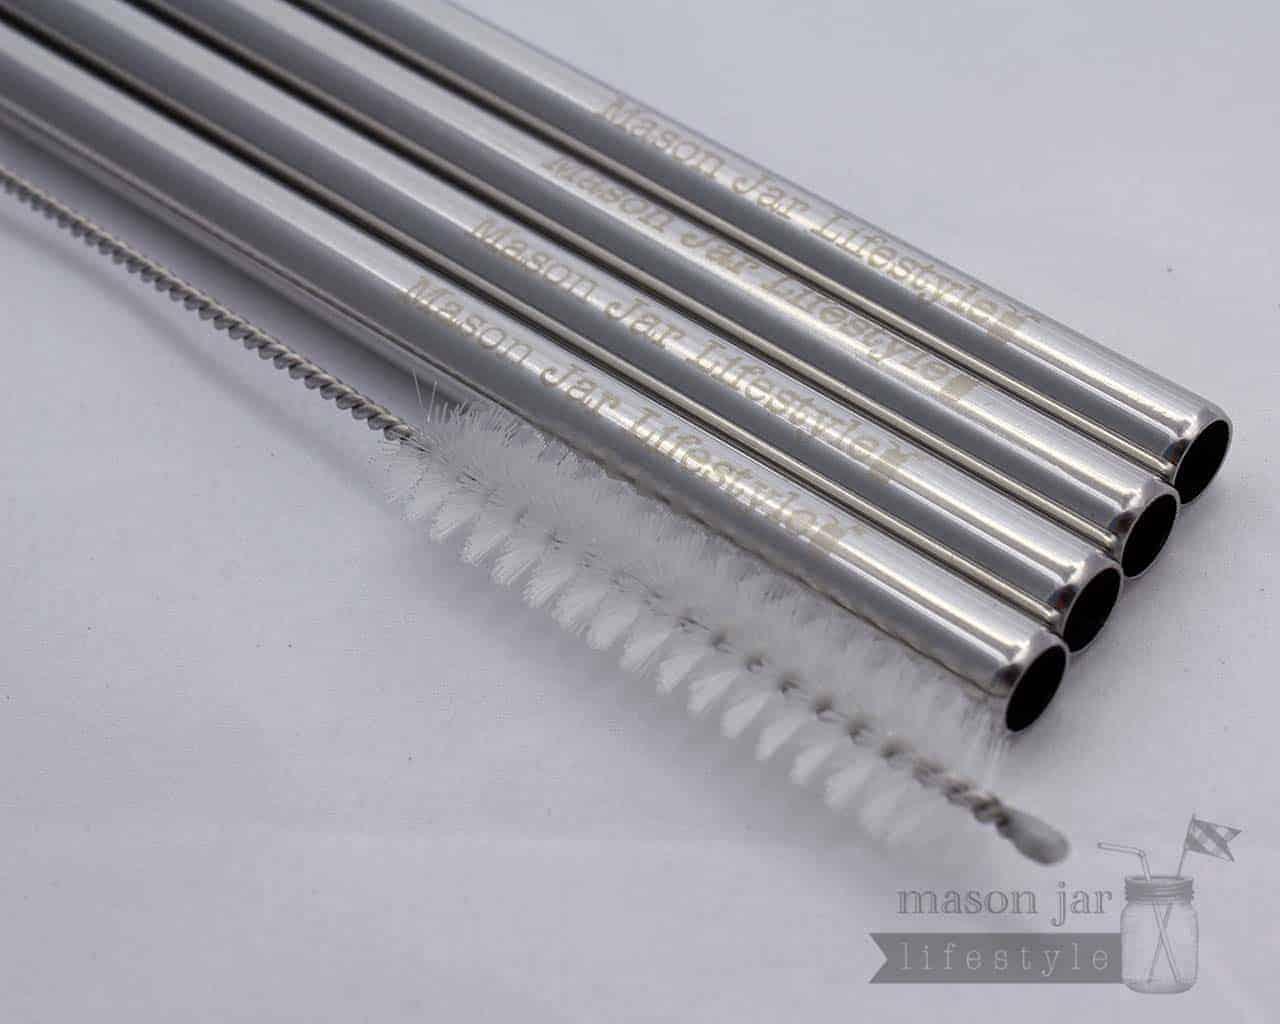 Short Safer Stainless Steel Straws for Half Pint Mason Jars